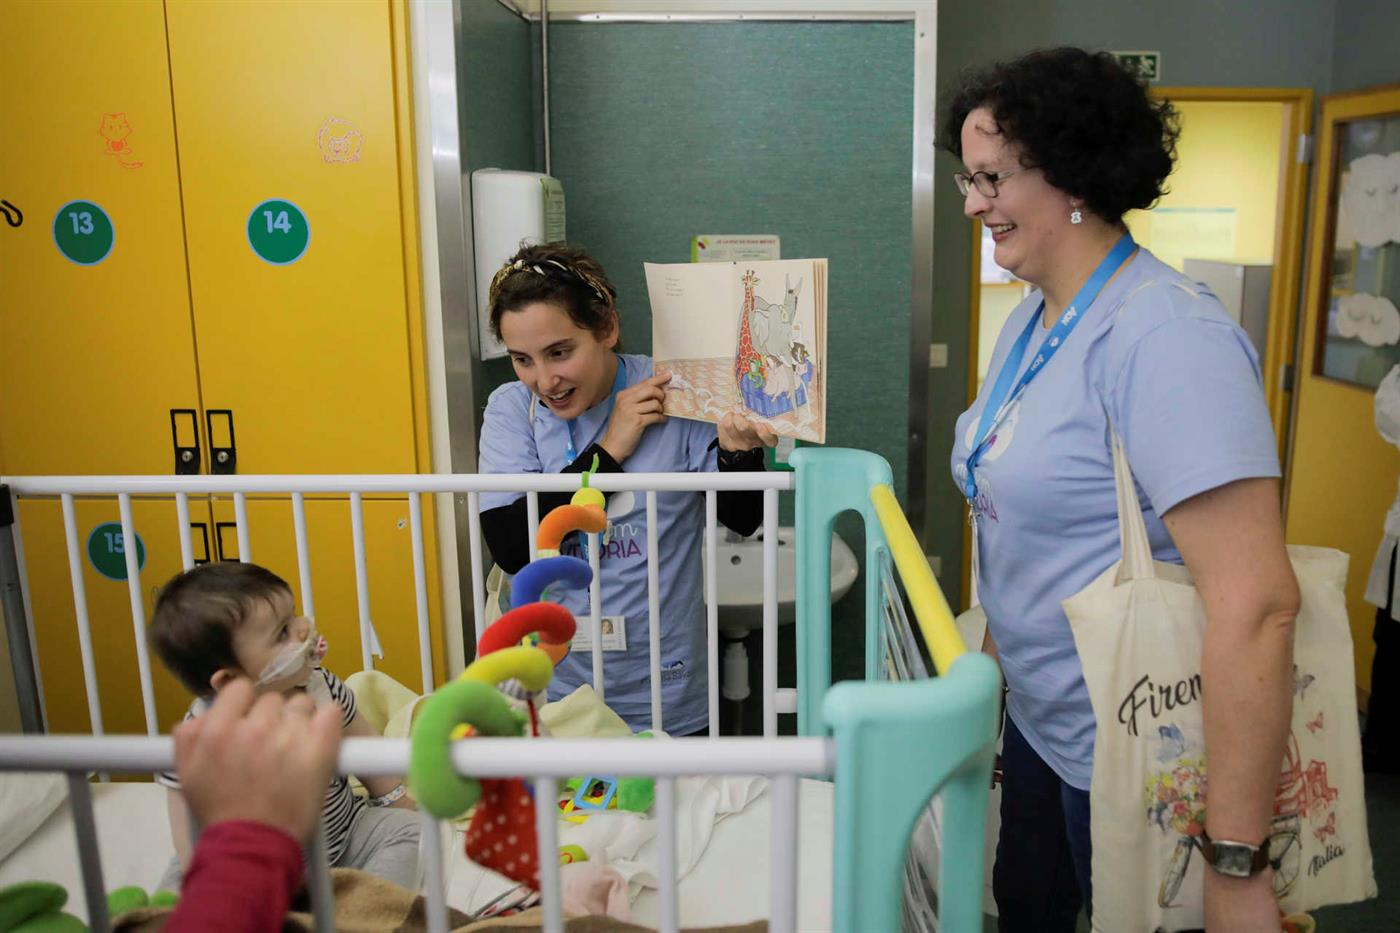 Diana Costa e Mónica Brites, duas das nuvens de Leiria.